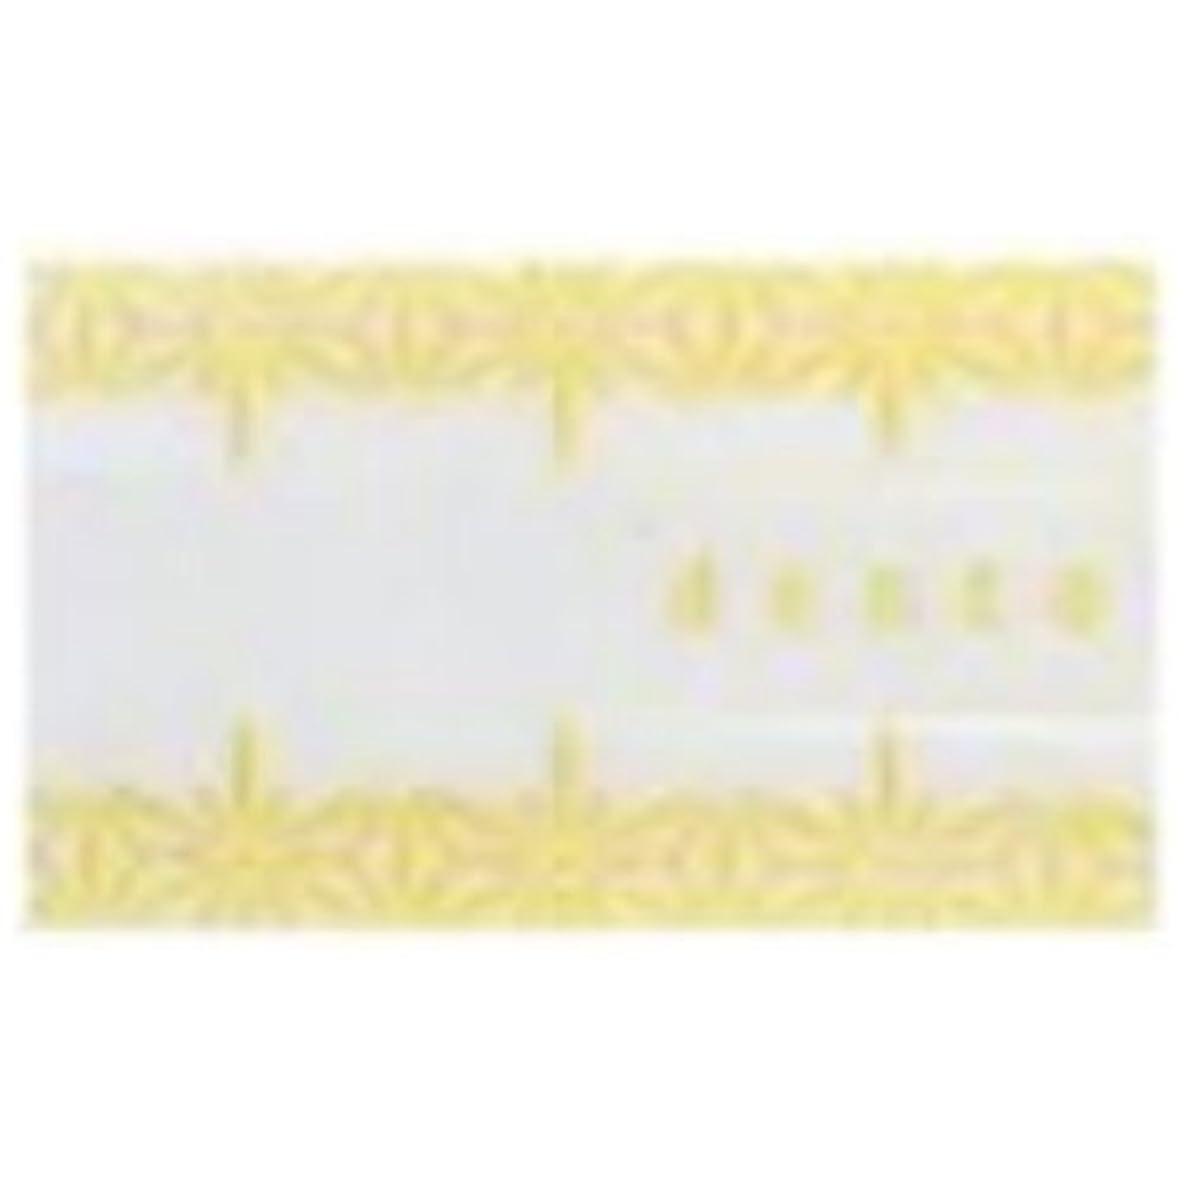 アクセルゆるくビルダー薫寿堂 紙のお香 美香 檀の香り 30枚入